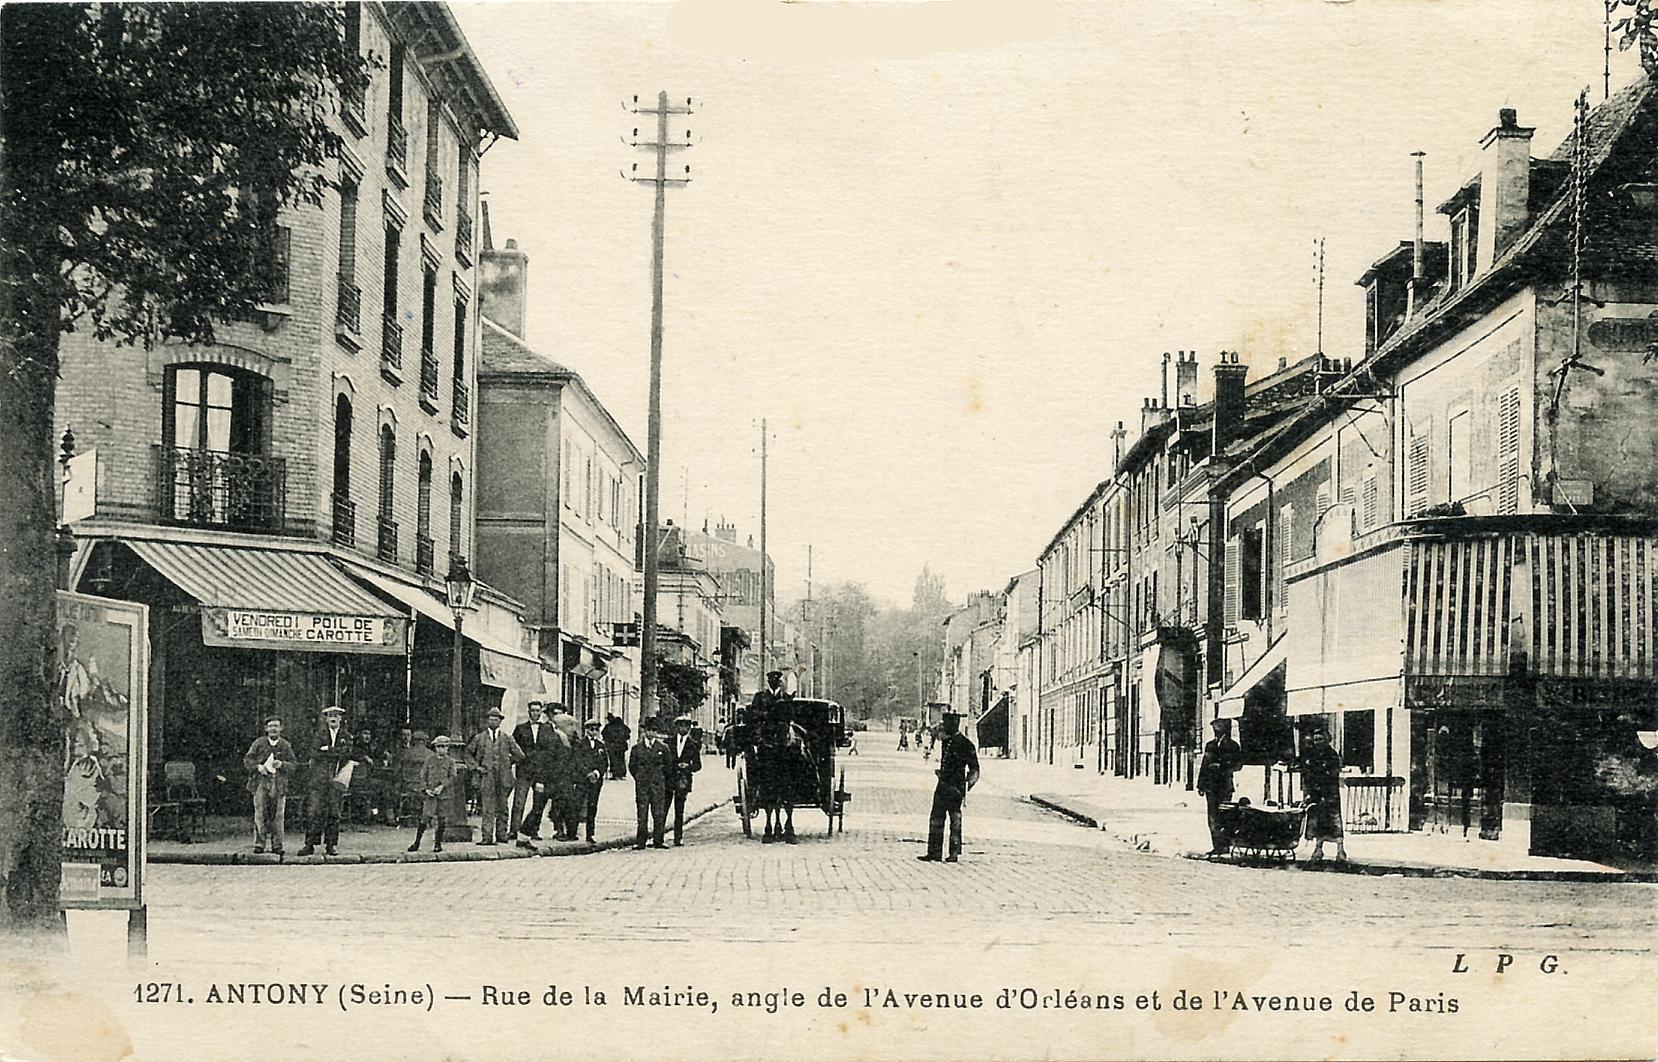 Croisement N20 rue de la Mairie 1931